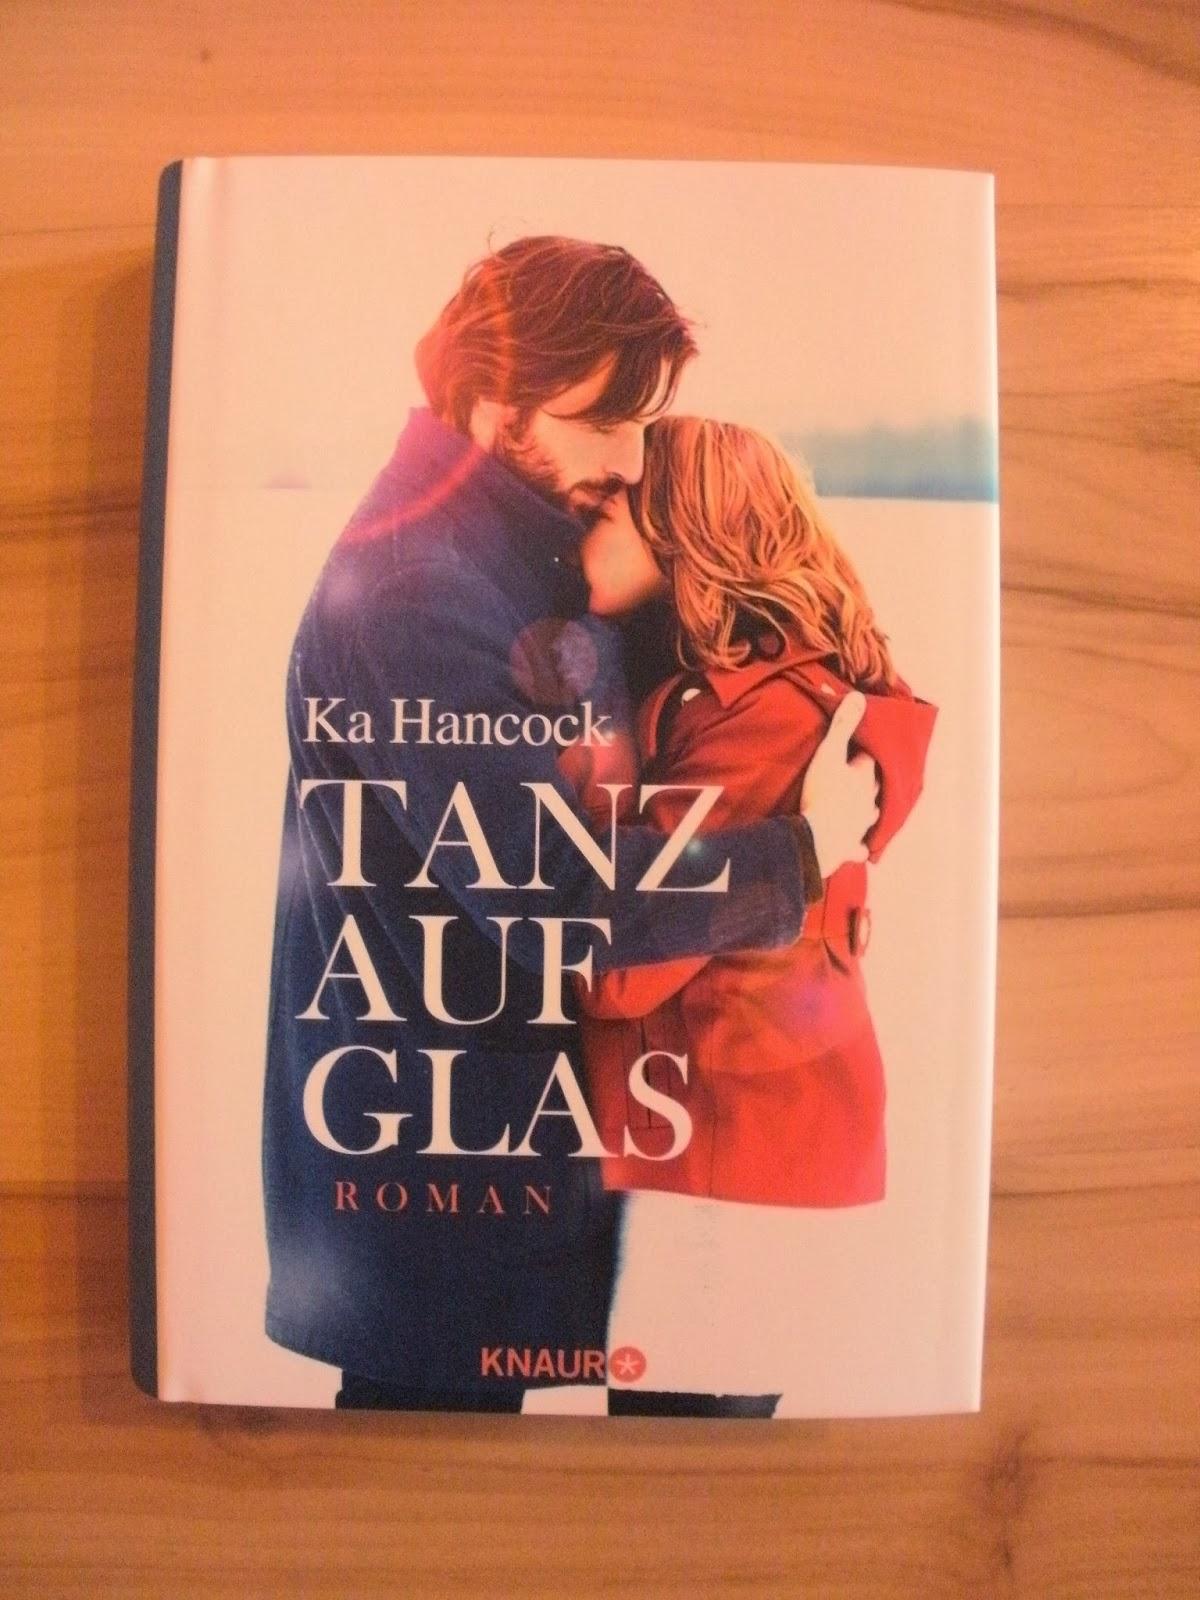 http://www.amazon.de/Tanz-auf-Glas-Ka-Hancock/dp/3426653222